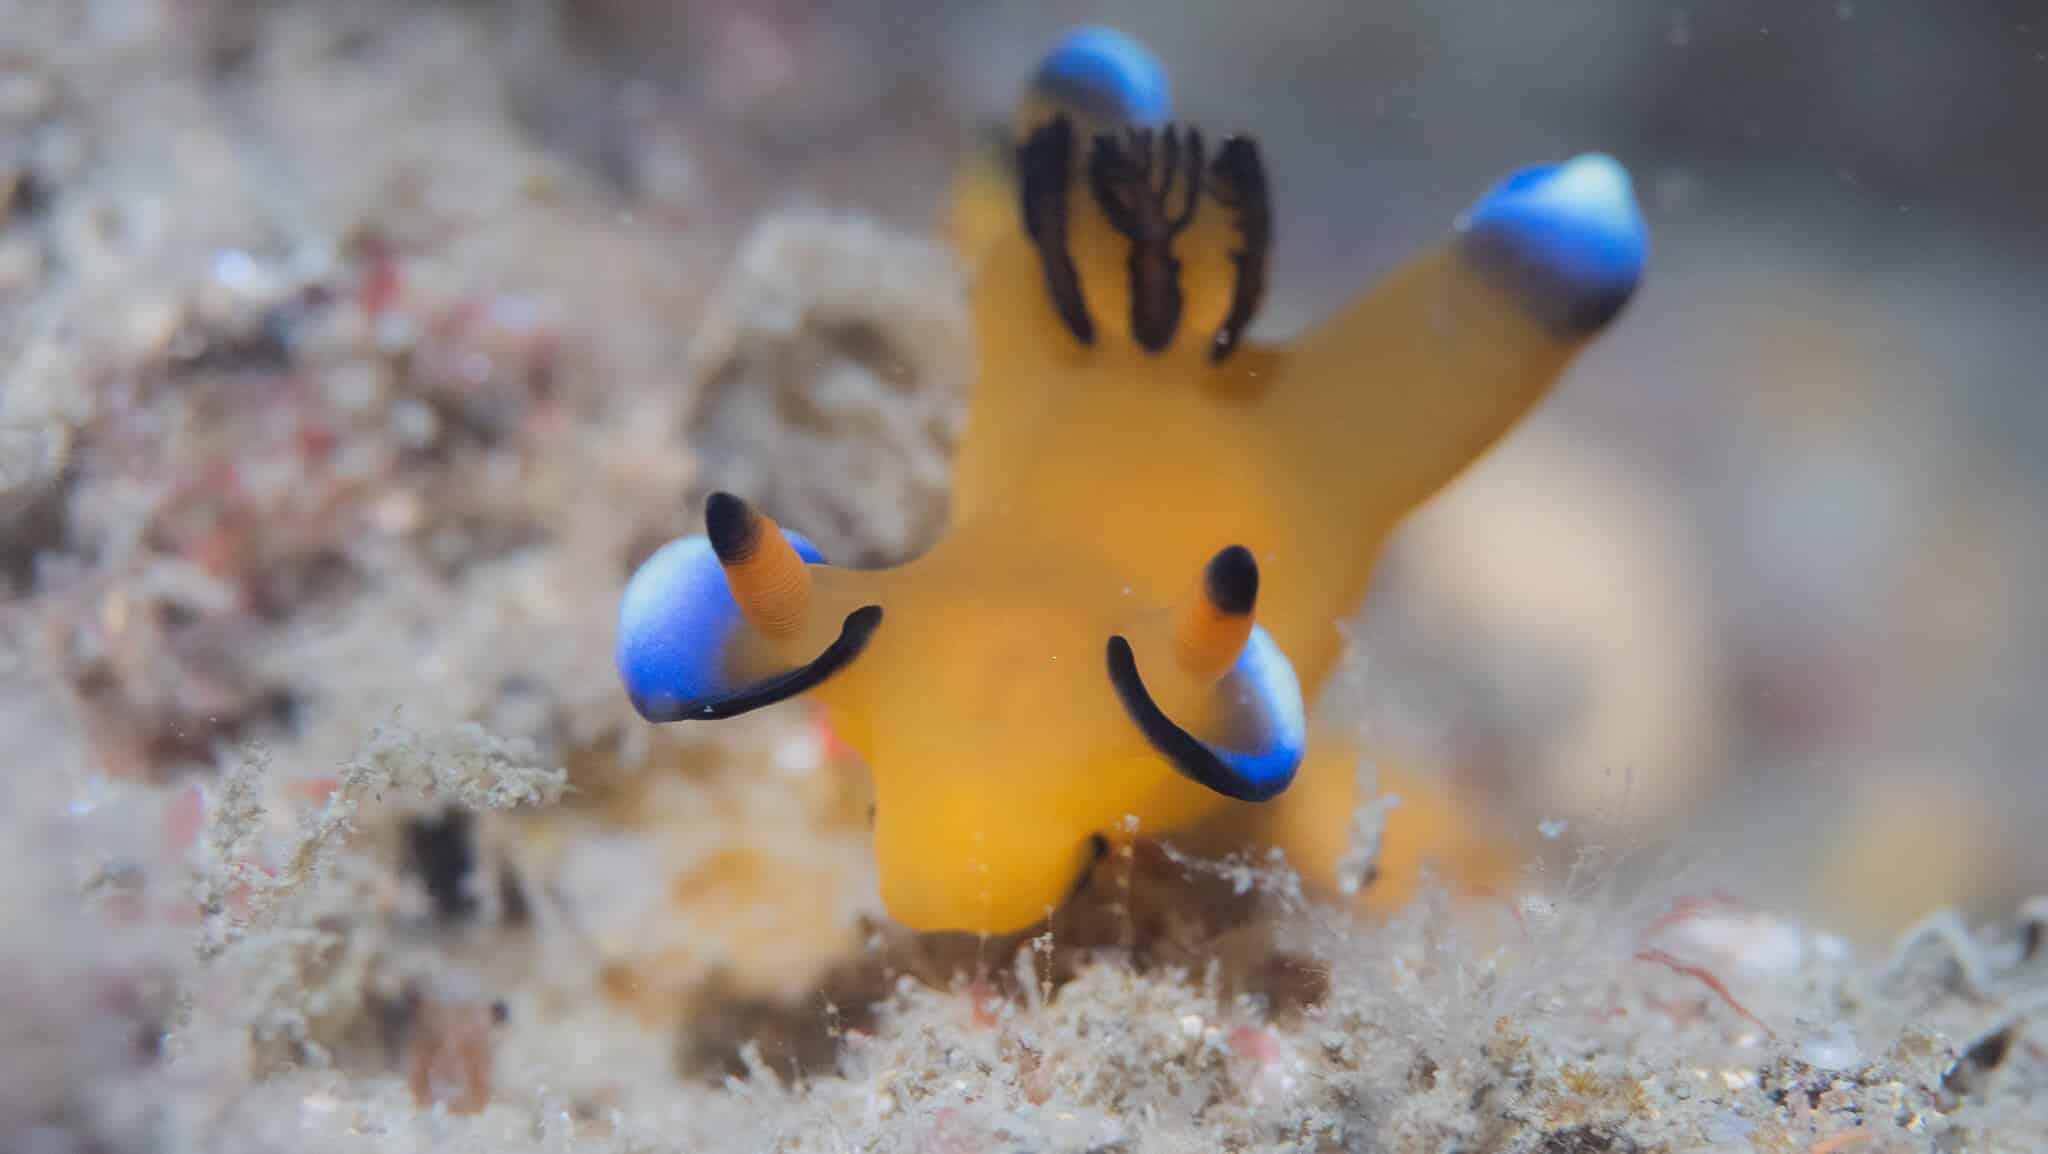 海洋博物誌 太平洋角鞘海蛞蝓 皮卡丘